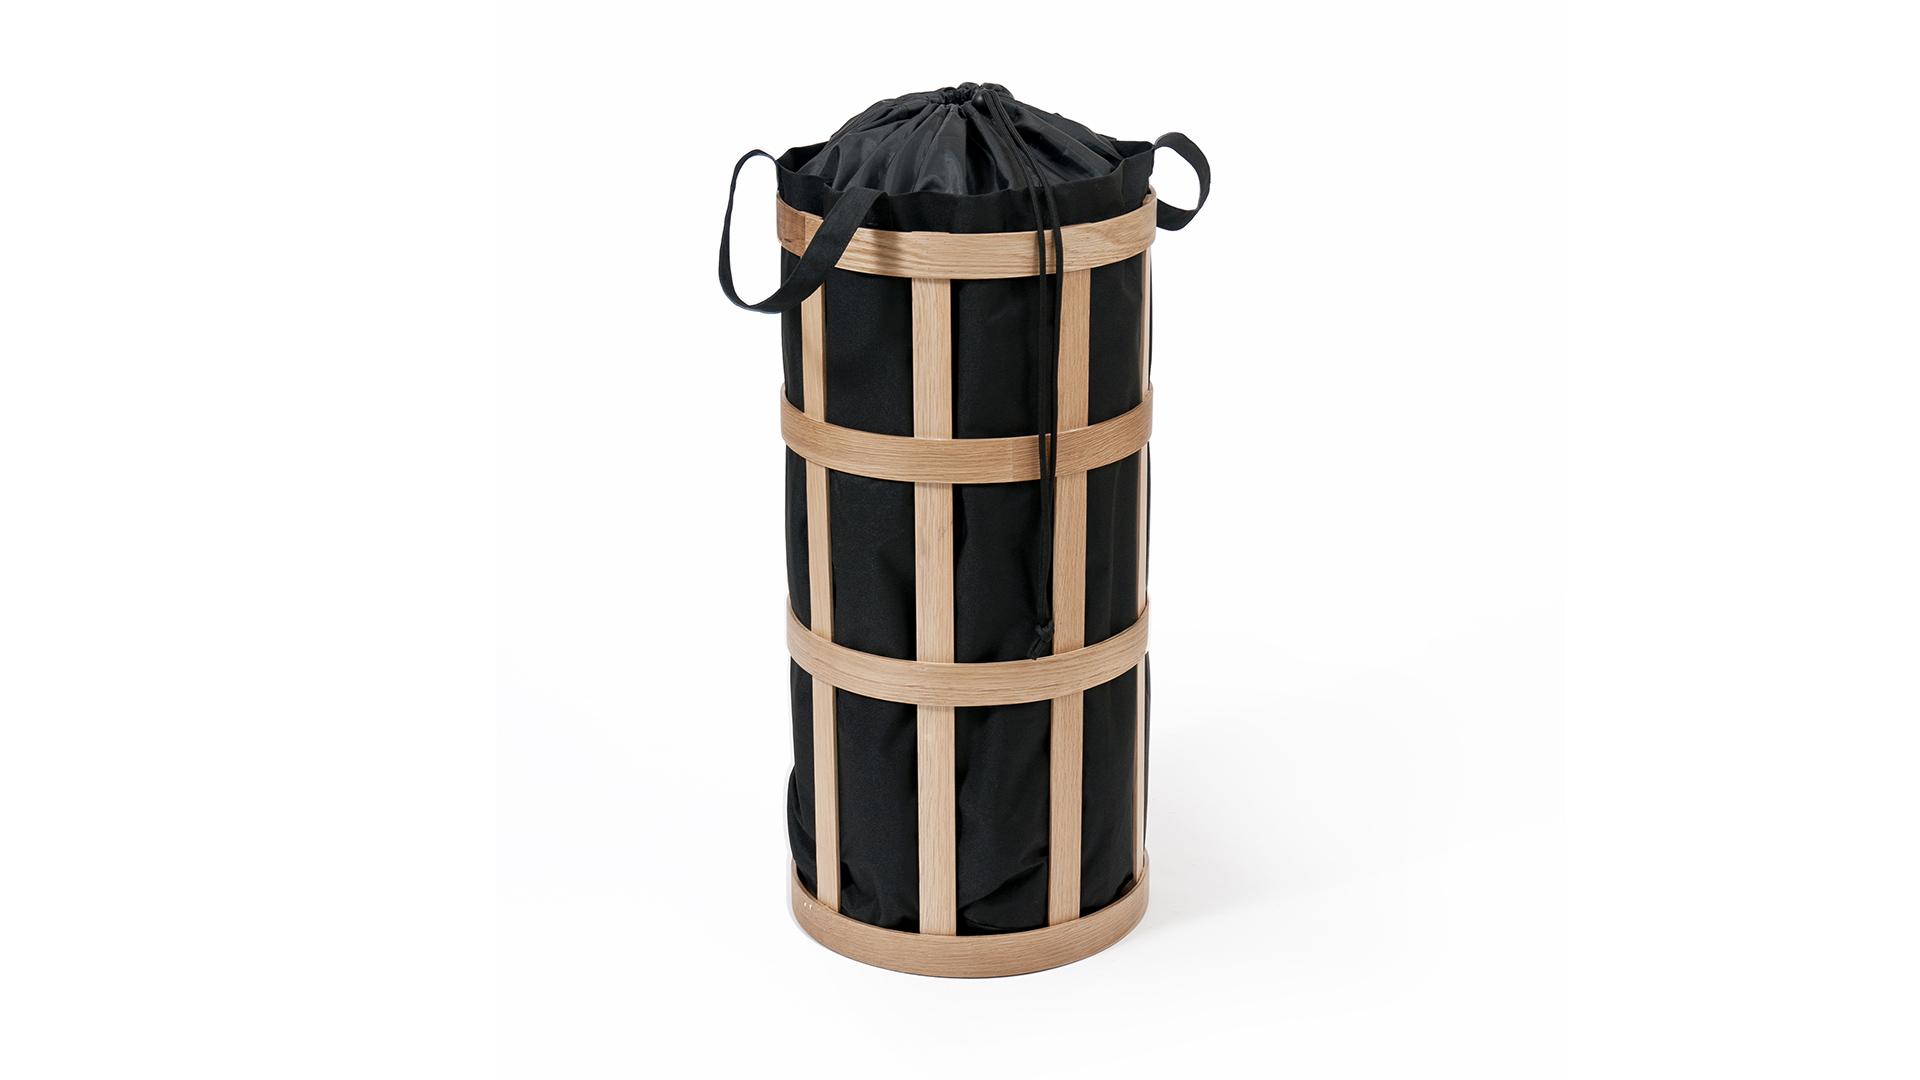 laundry-basket-black-cage-natural-oak